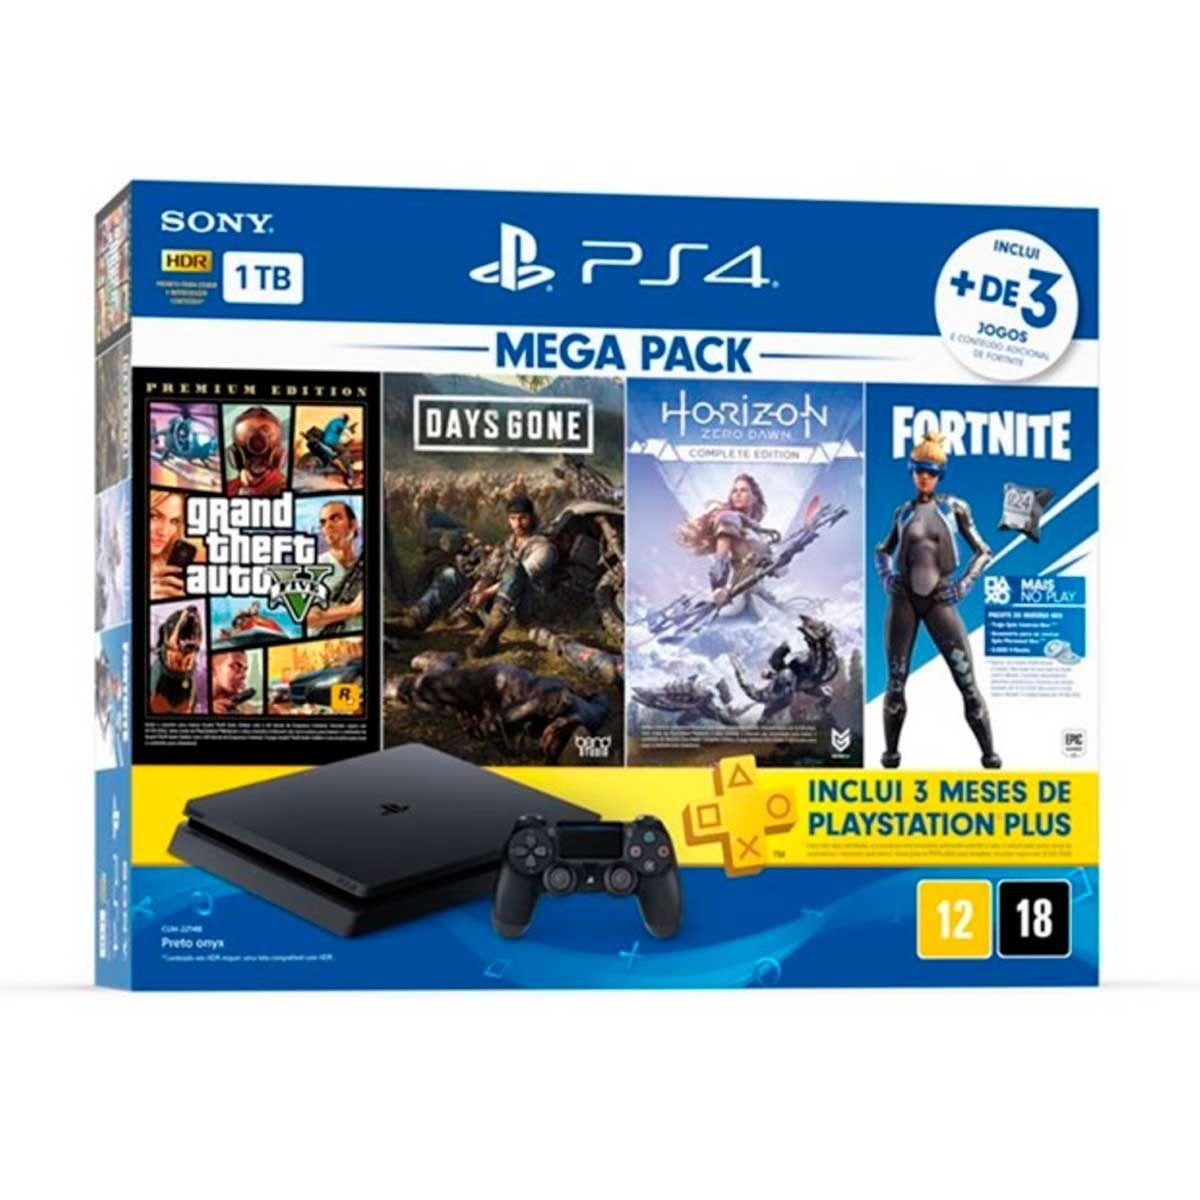 Playstation 4 Slim - 1 Terabyte + 3 Jogos (Days Gone + GTA V + Horizon Zero Dawn + Fortnite) (2 Controles)